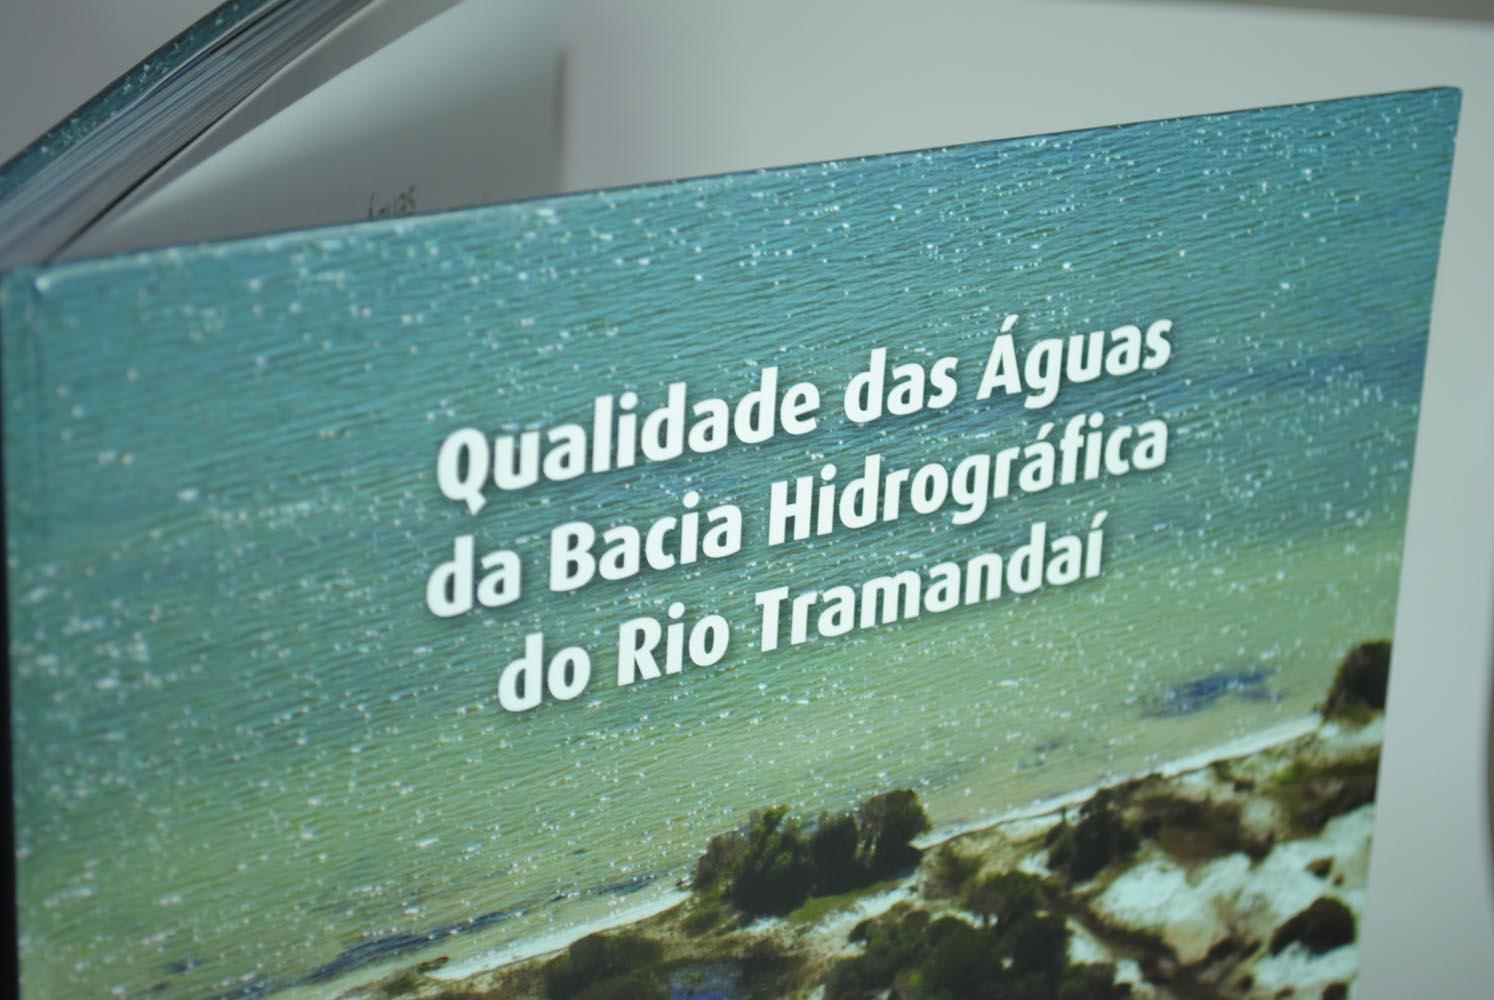 Livro Qualidade das águas da Bacia Hidrográfica do Rio Tramandaí - capa 1